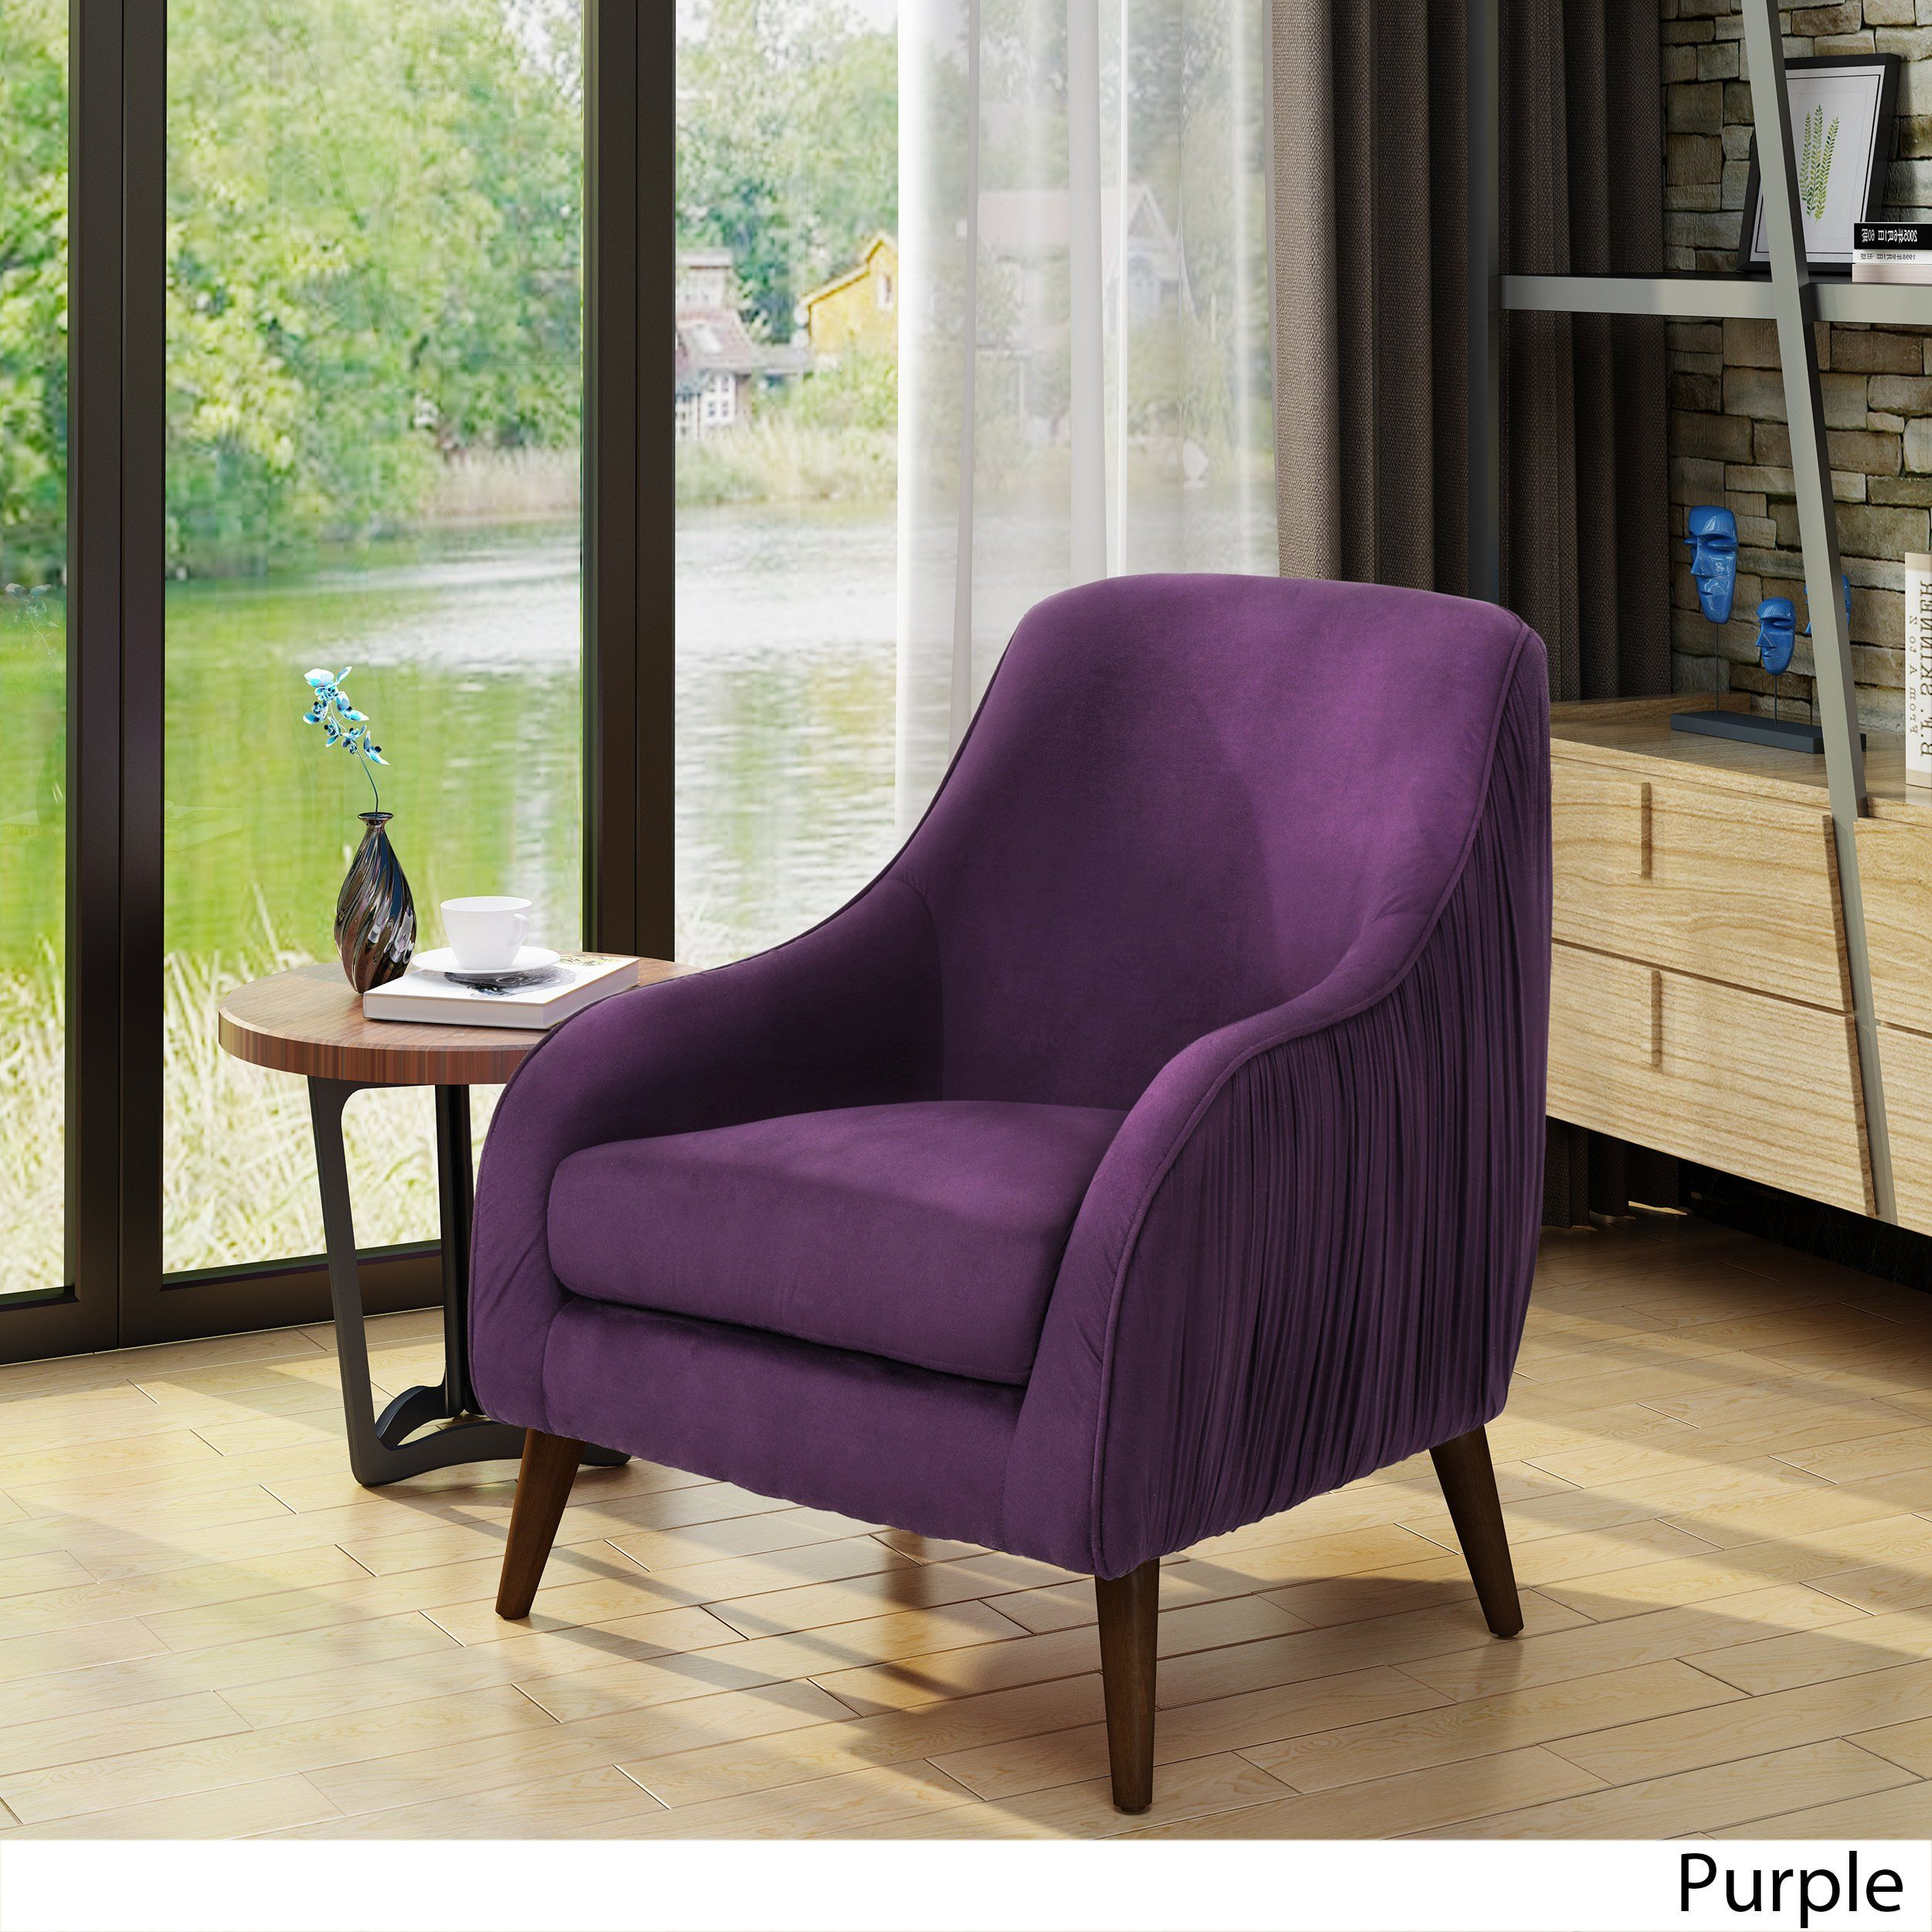 Bertie Mid Century Modern Velvet Chair by Christopher